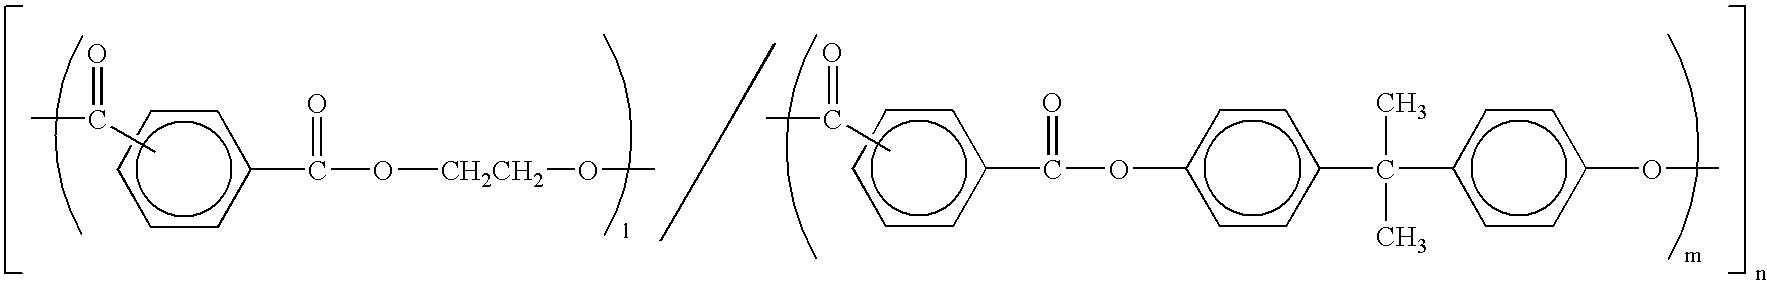 Figure US06936388-20050830-C00010